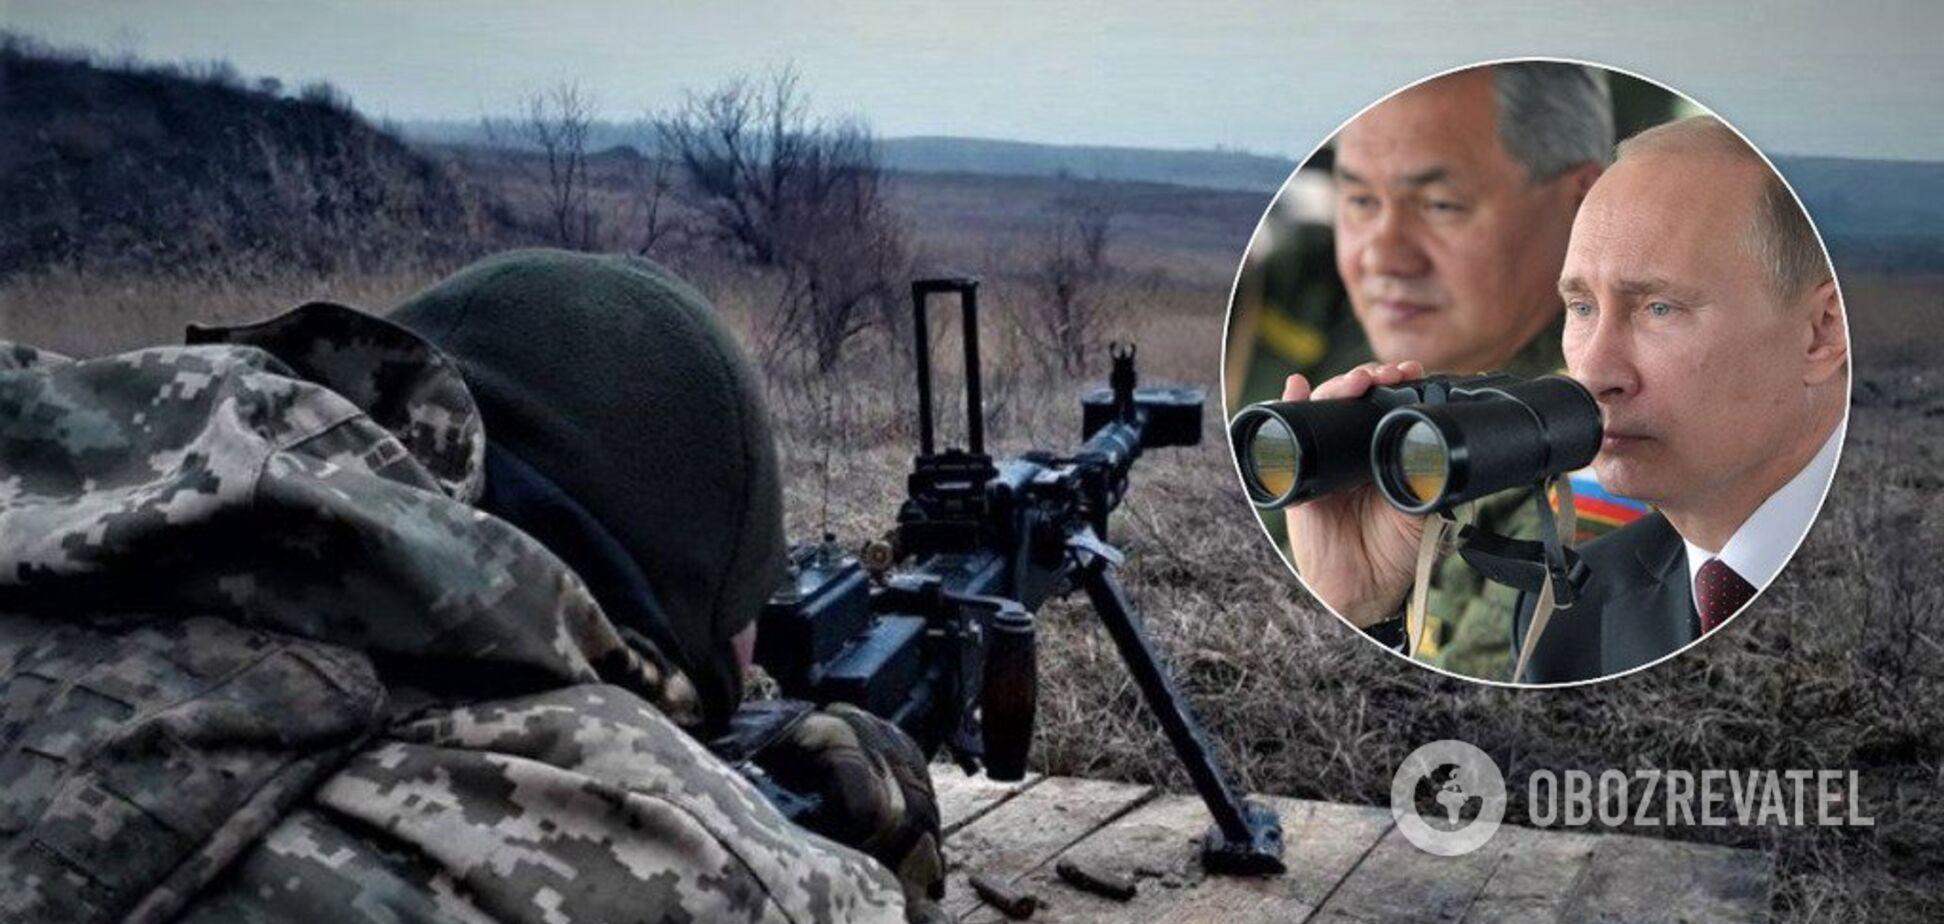 Генерал сказал, что делать, пока Путин не ушел с Донбасса